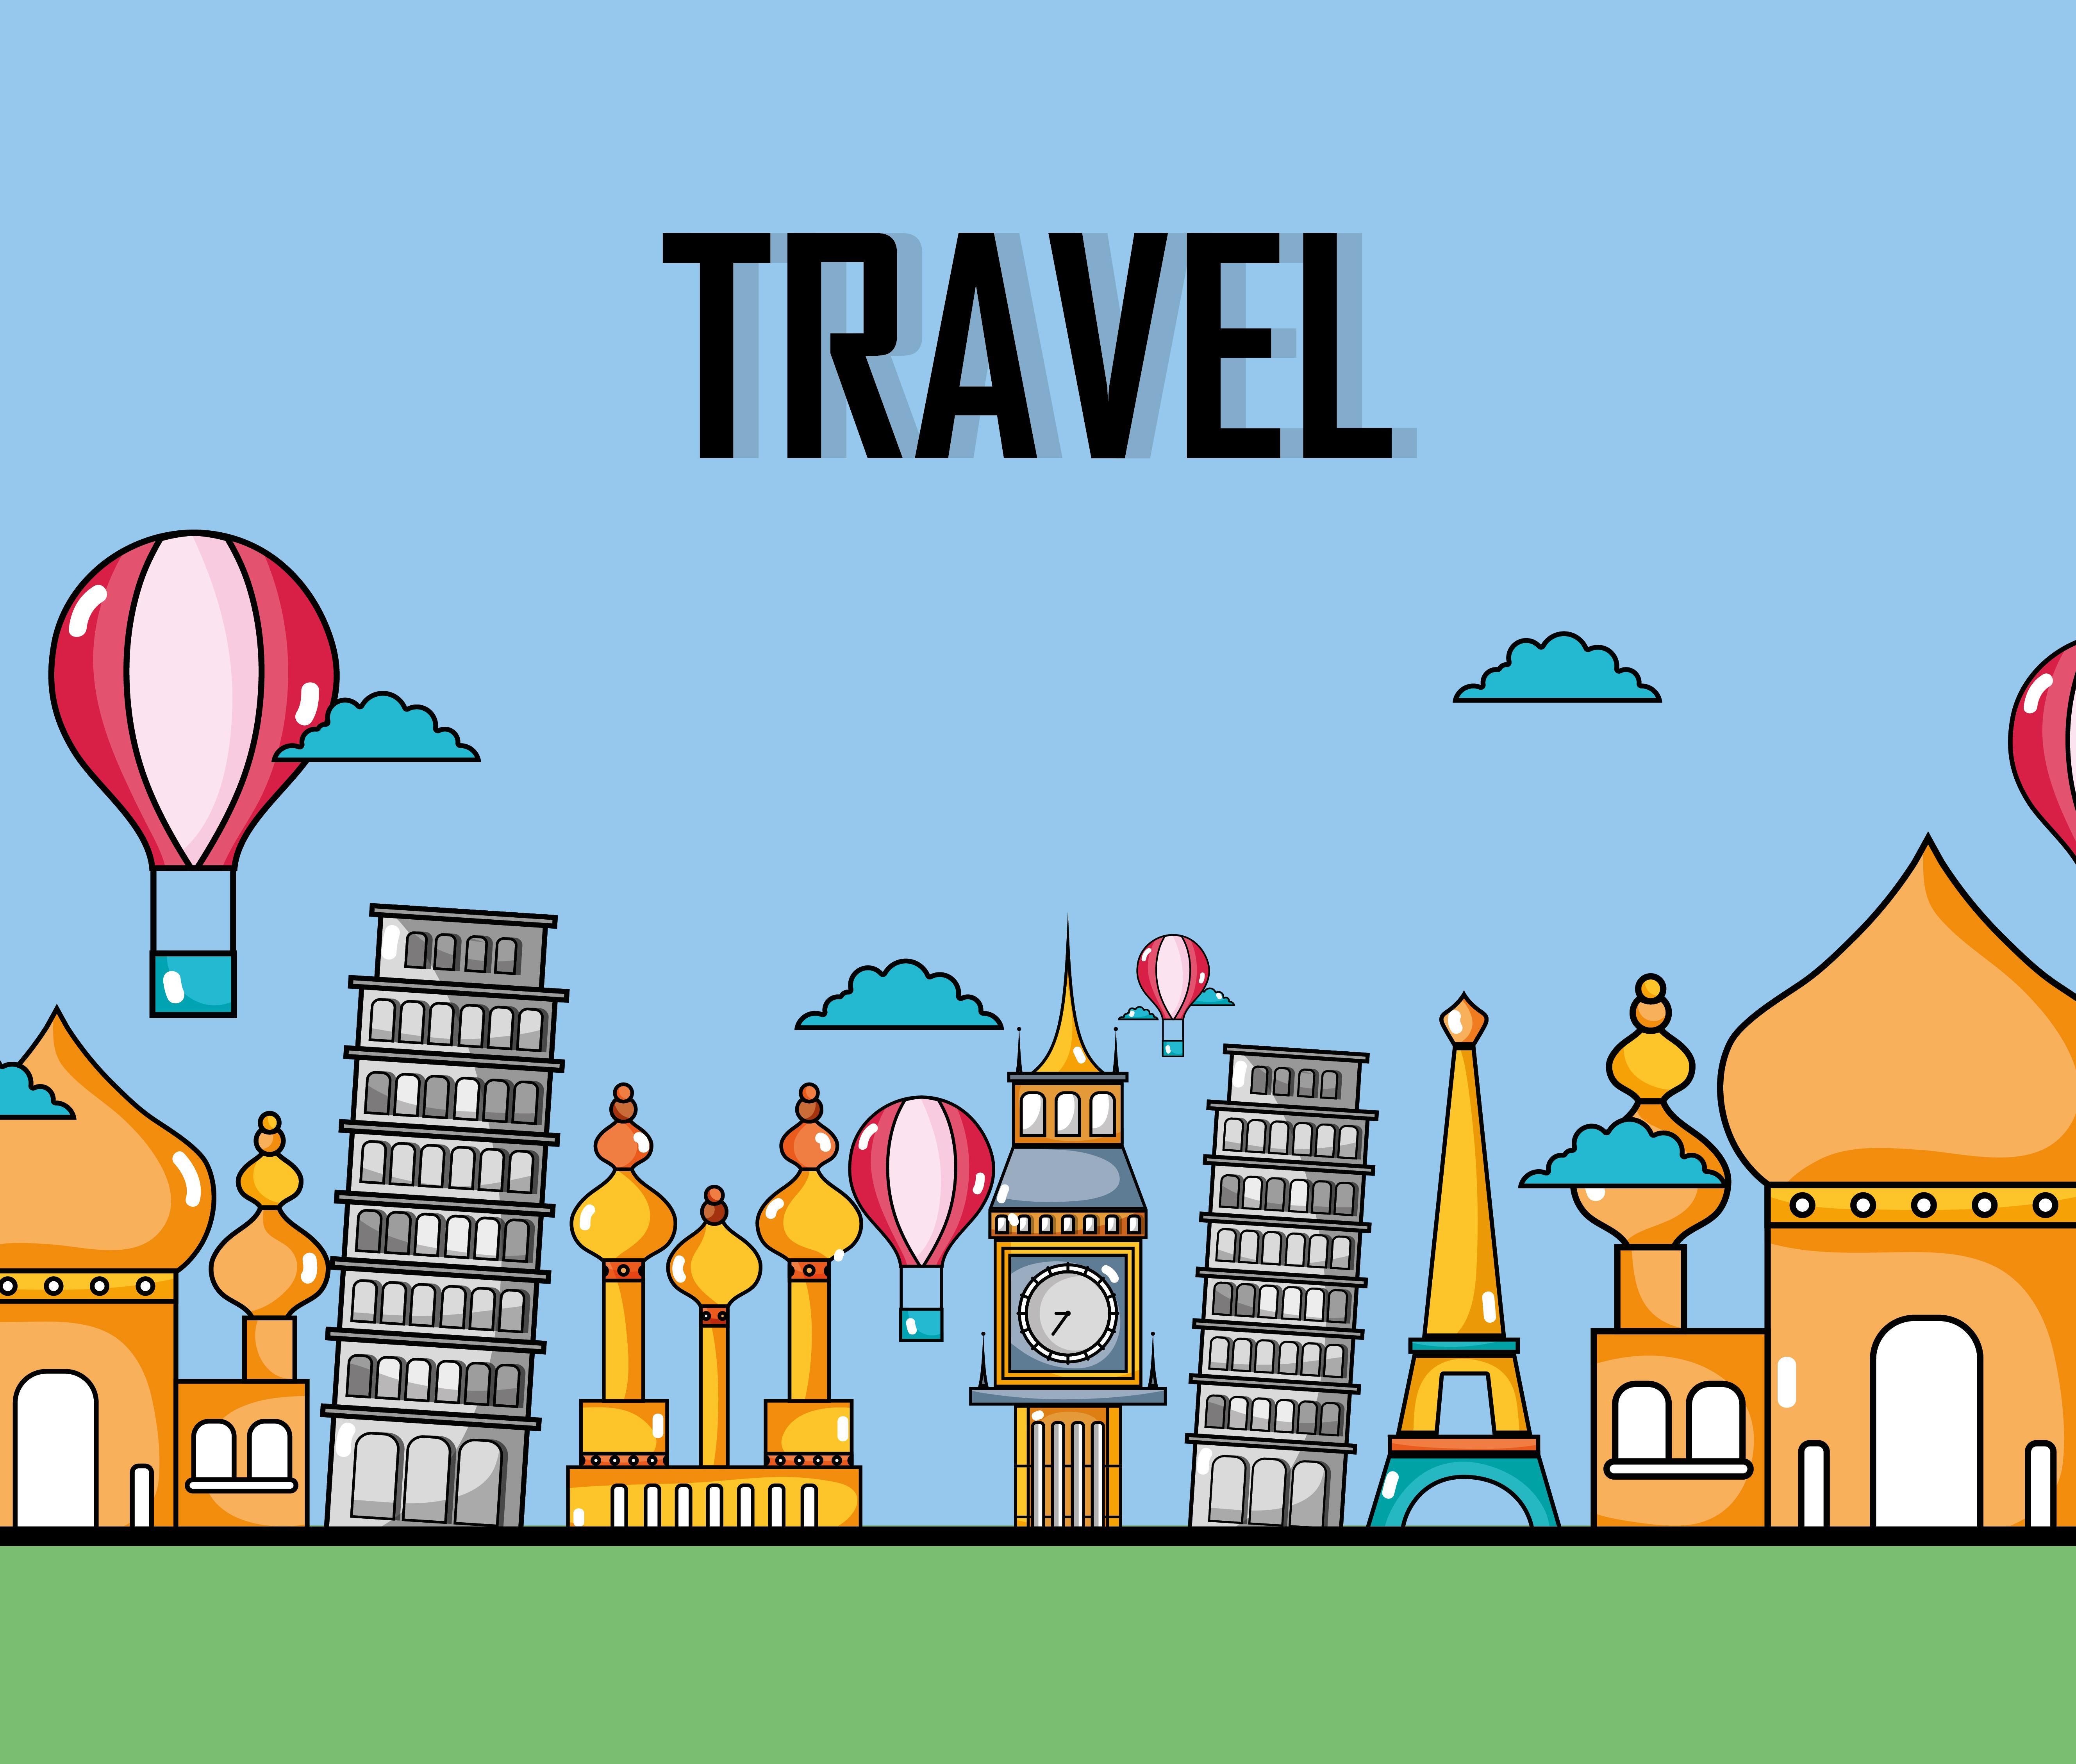 旅遊卡通 免費下載 | 天天瘋後製